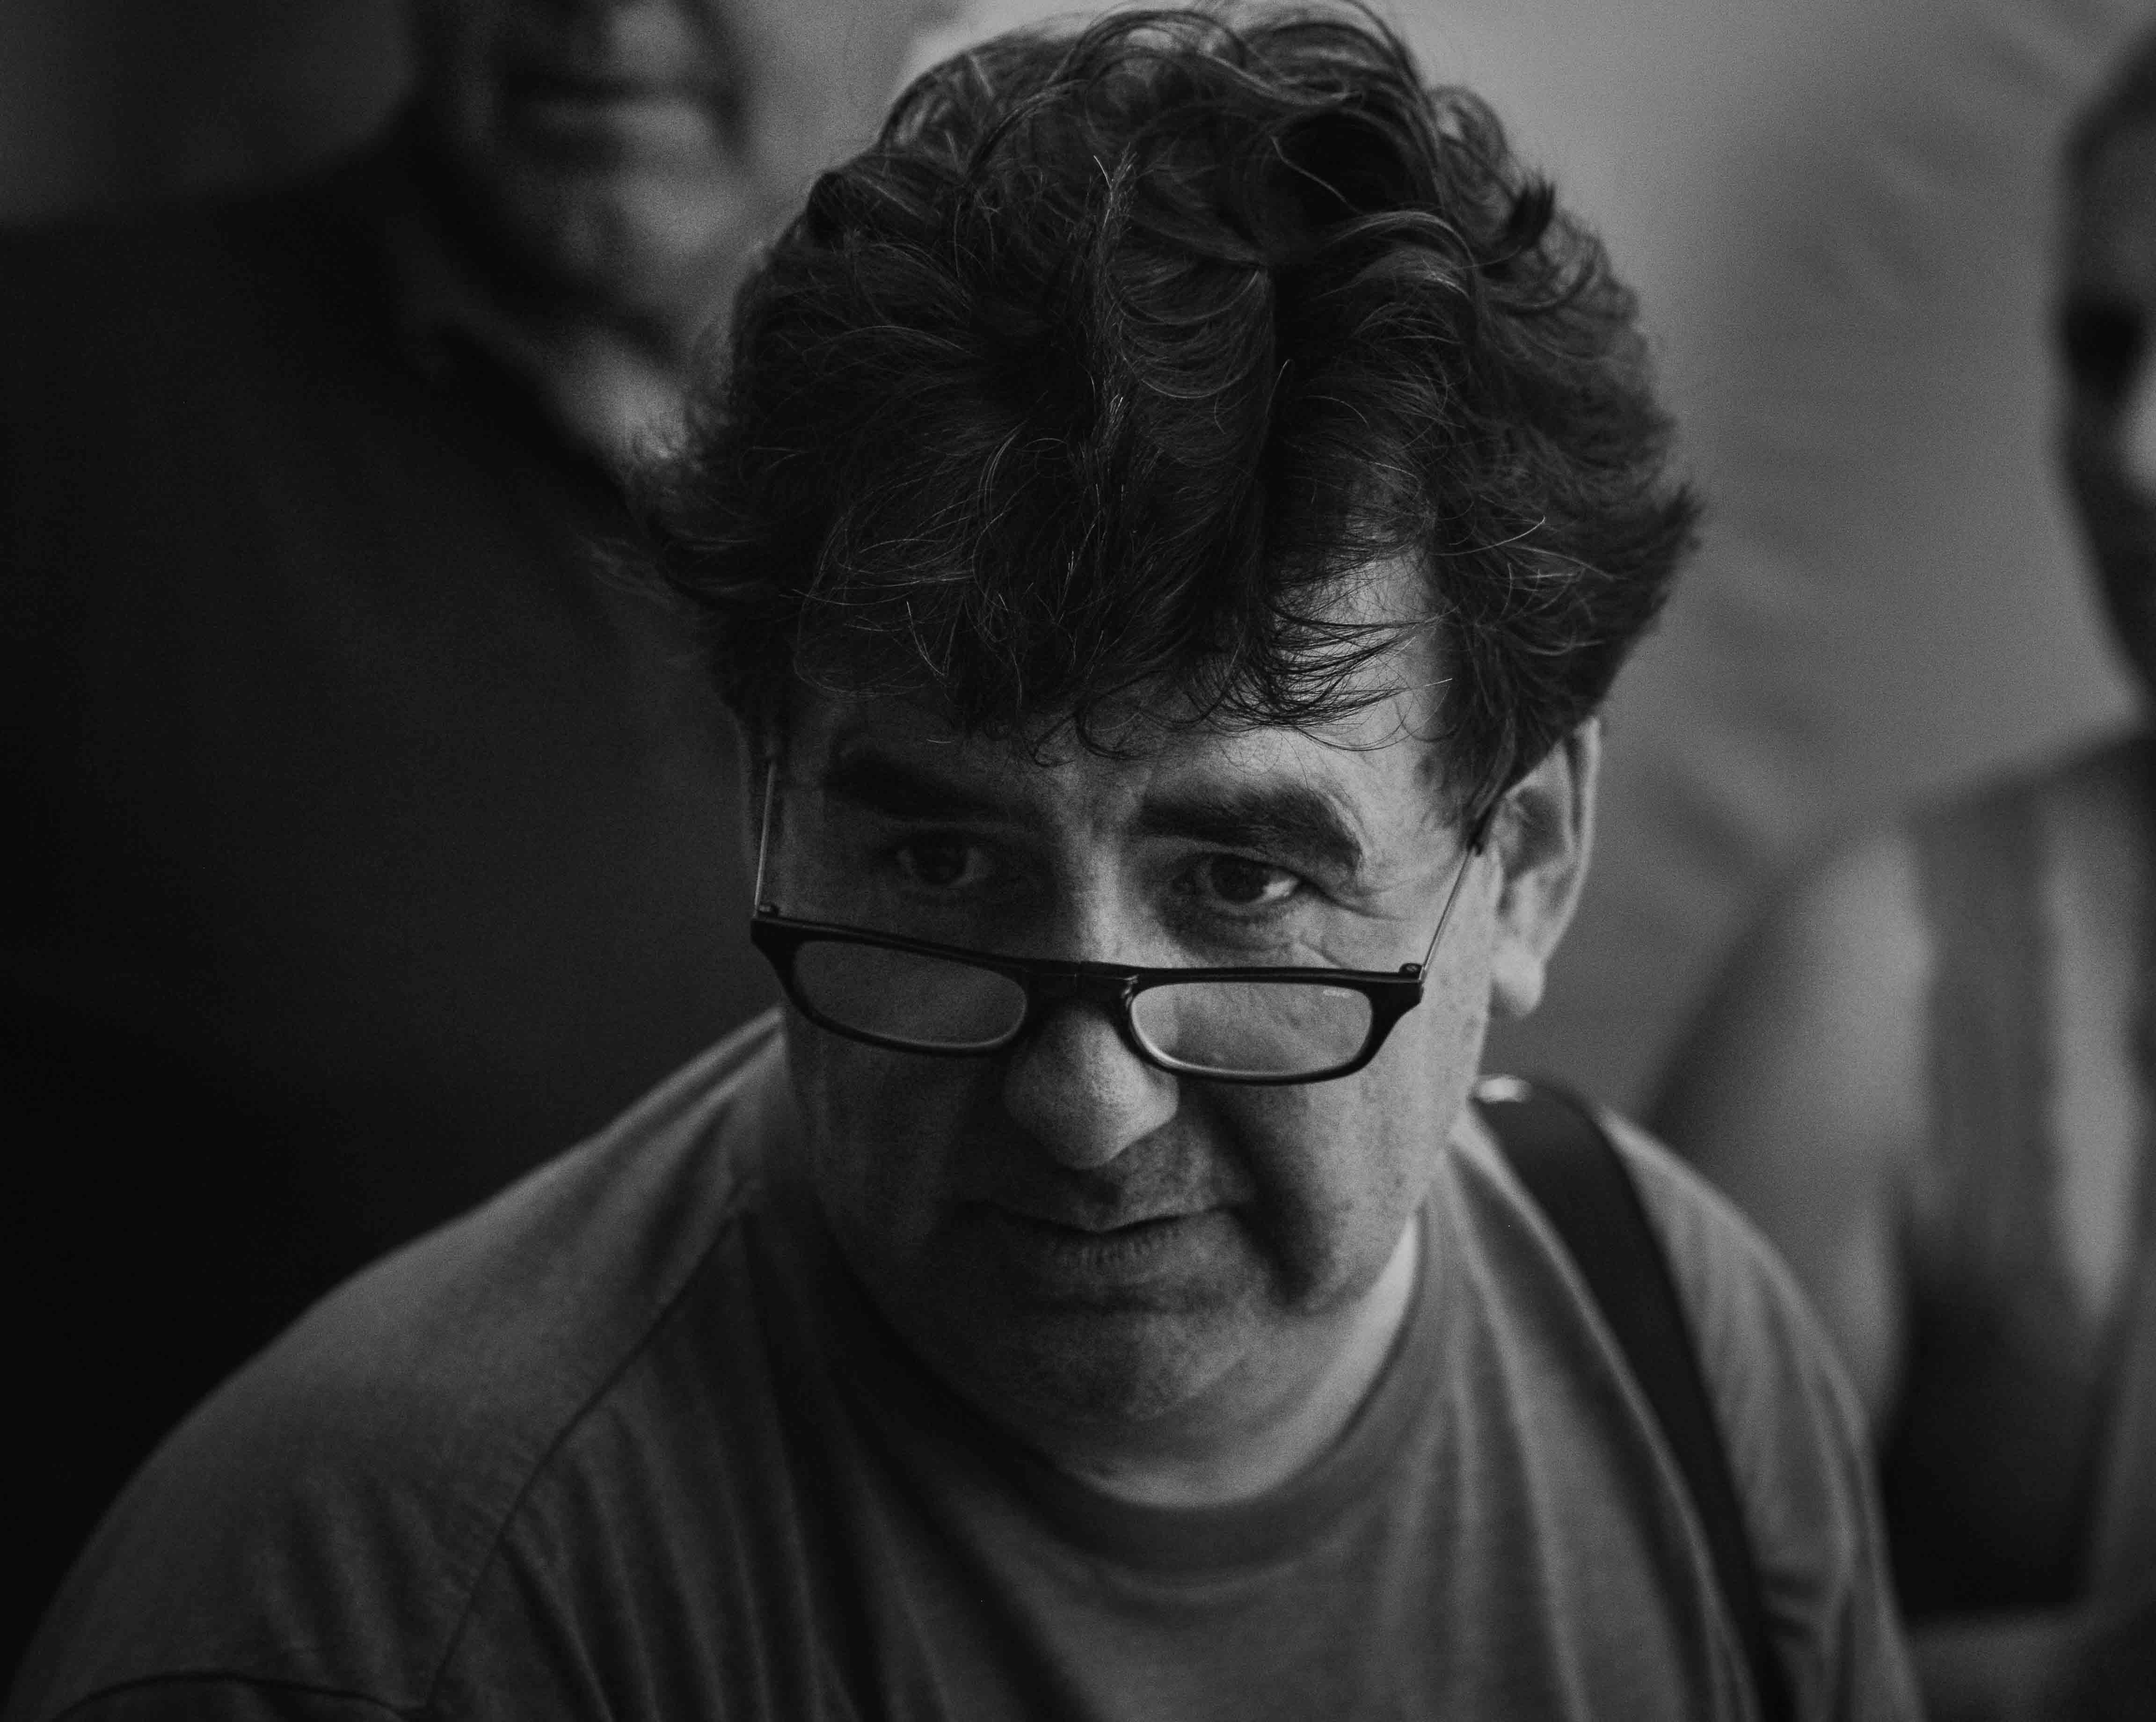 Director & D.O.P: Robert Payton